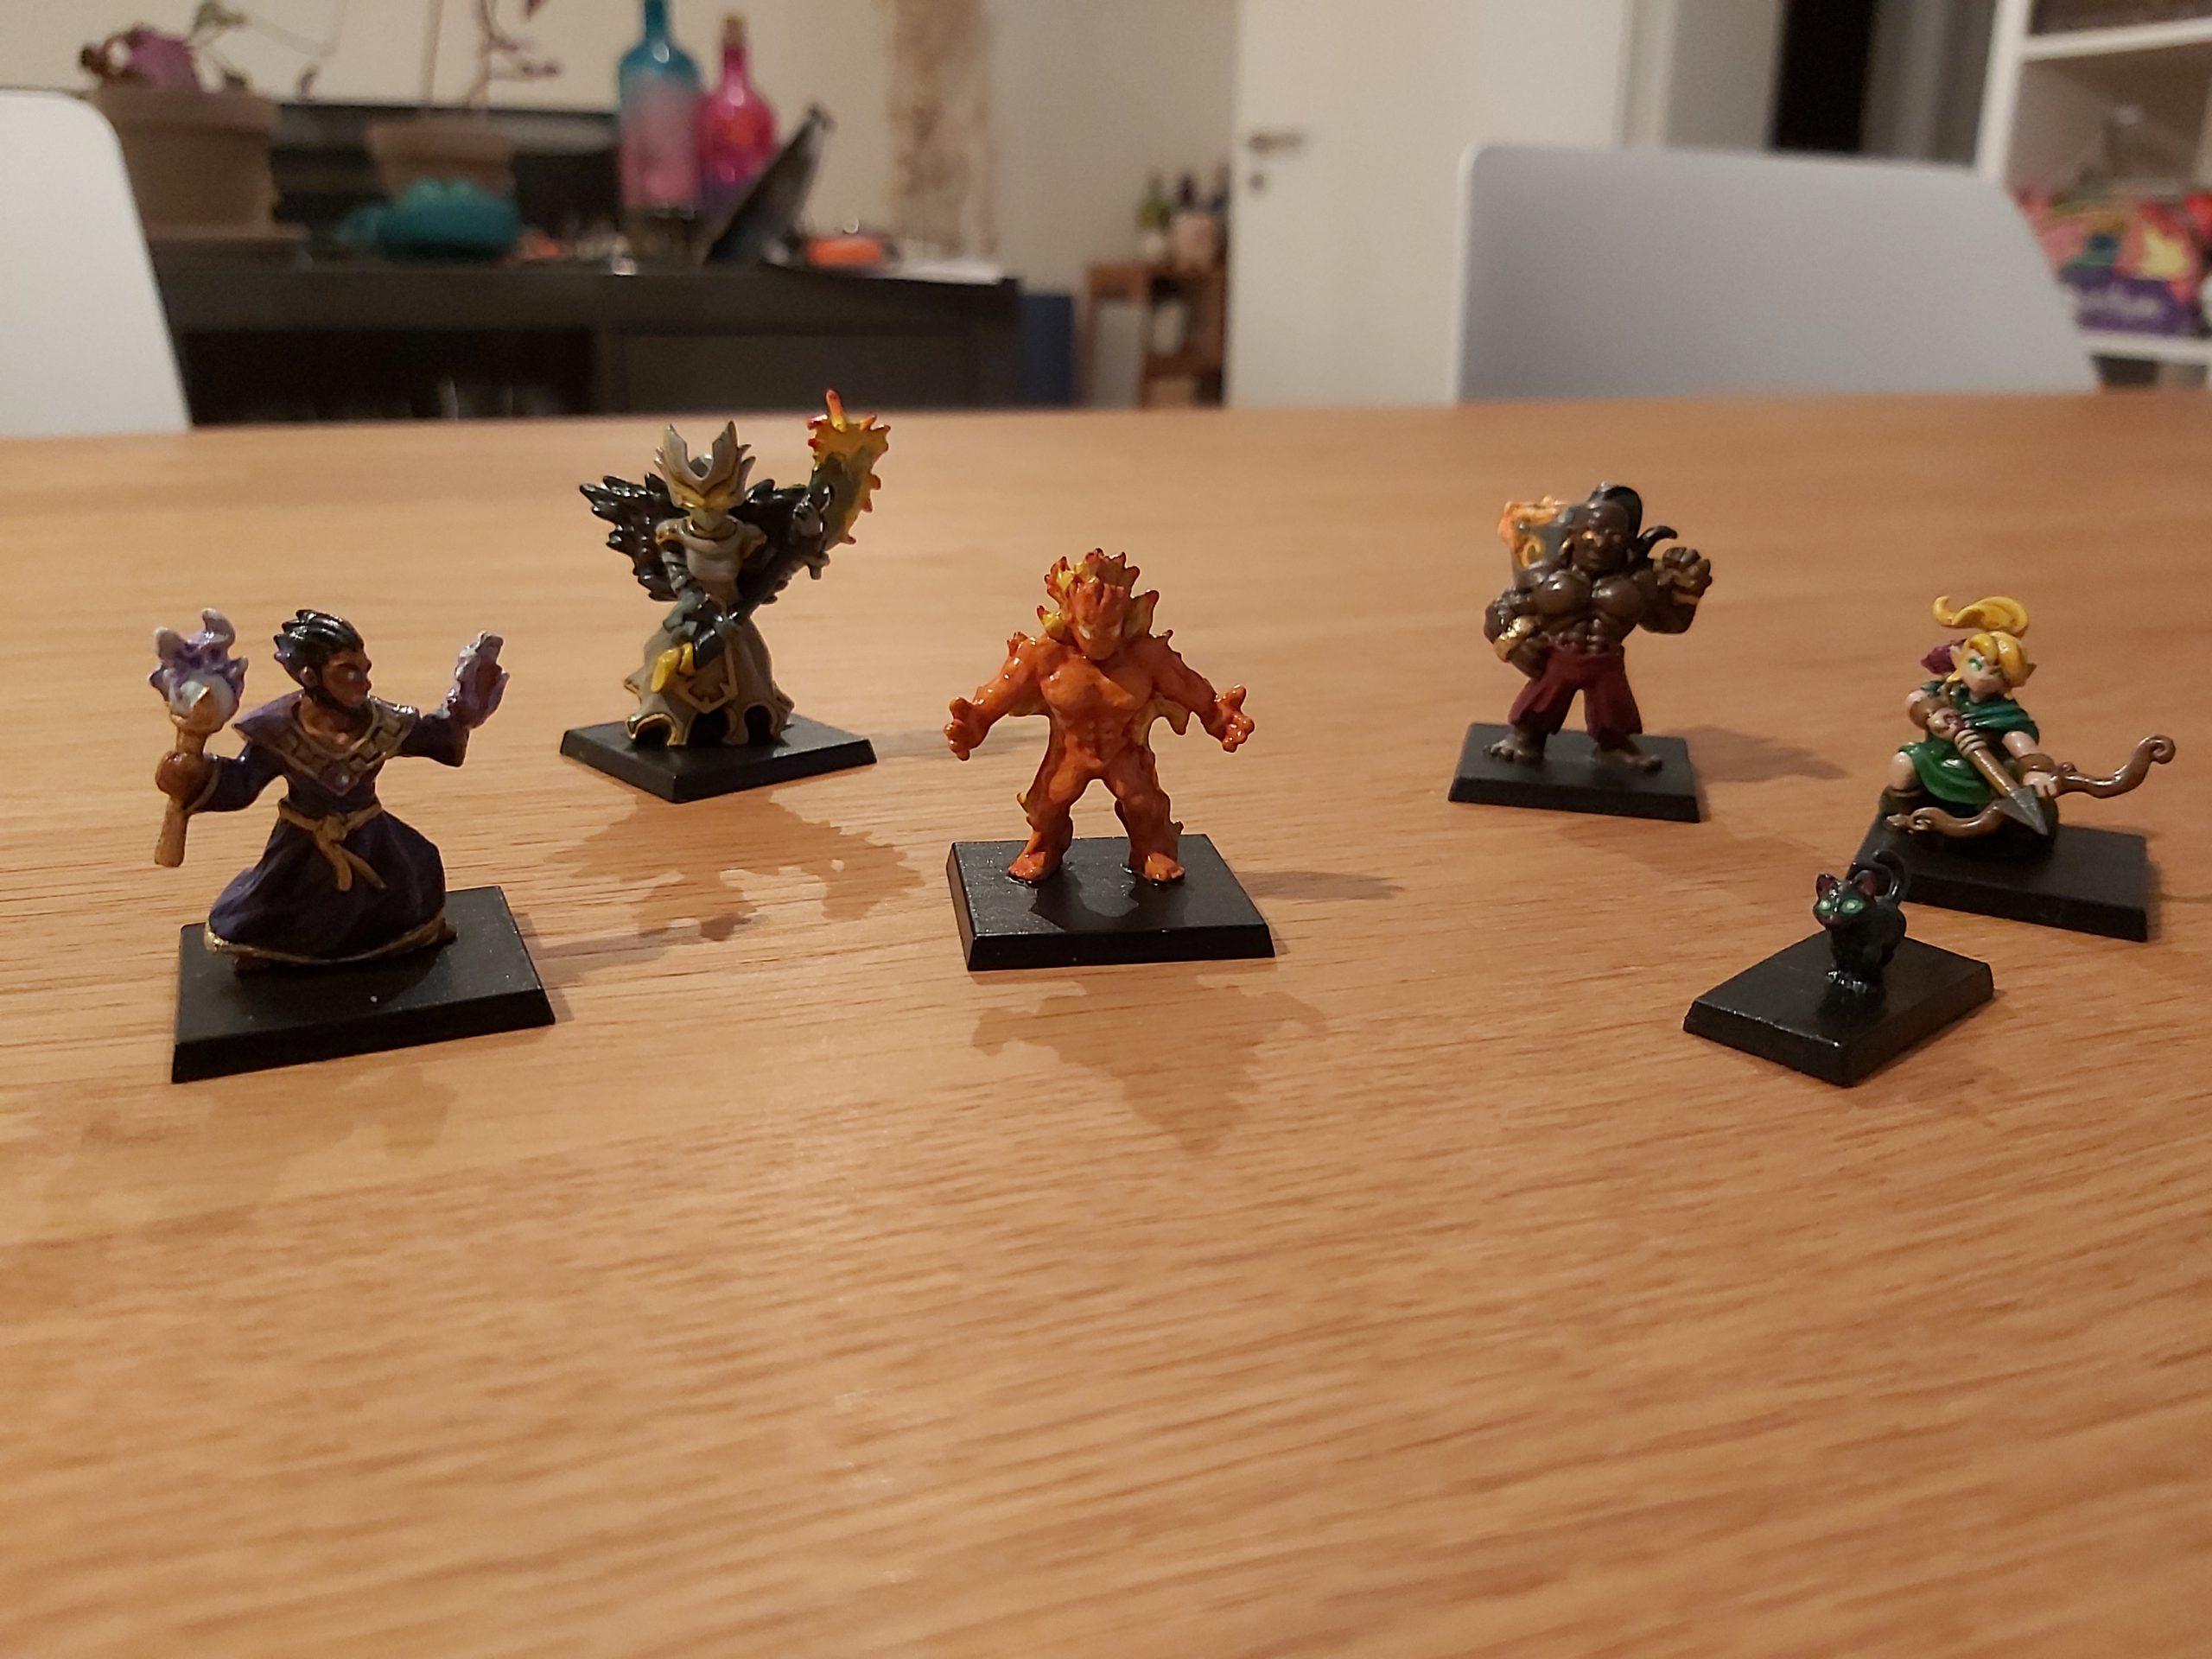 Die 5 Held:innen-Figuren sind zu sehen.